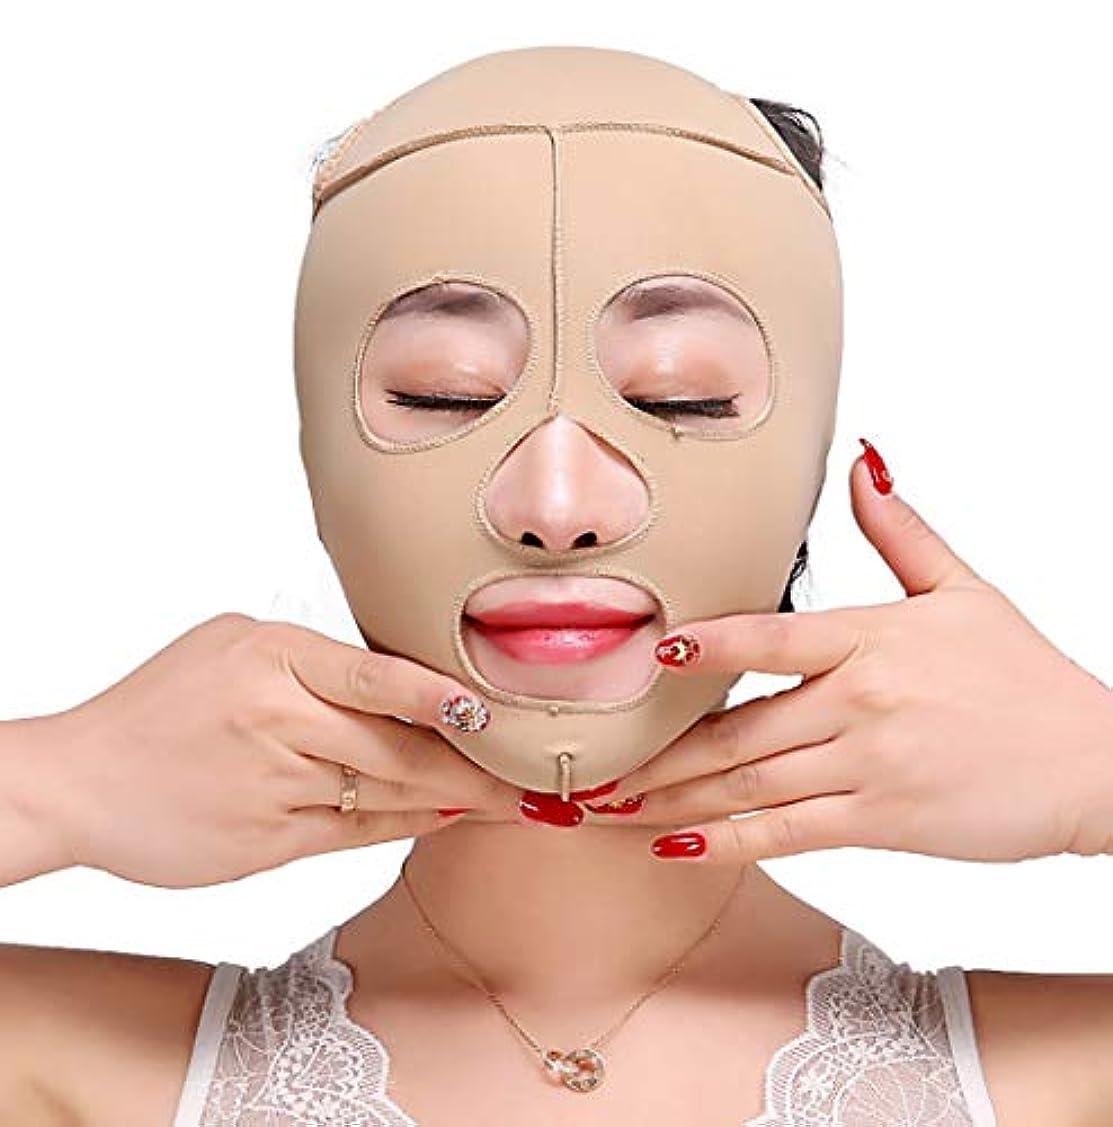 戦略心理的にバンケットTLMY 痩身ベルト痩身ベルト薄い顔の包帯小V顔の顔の薄い顔のマスク包帯の強化引き締めV顔美容マスク小さな顔の包帯の頭飾り修正顔の形 顔用整形マスク (Size : M)